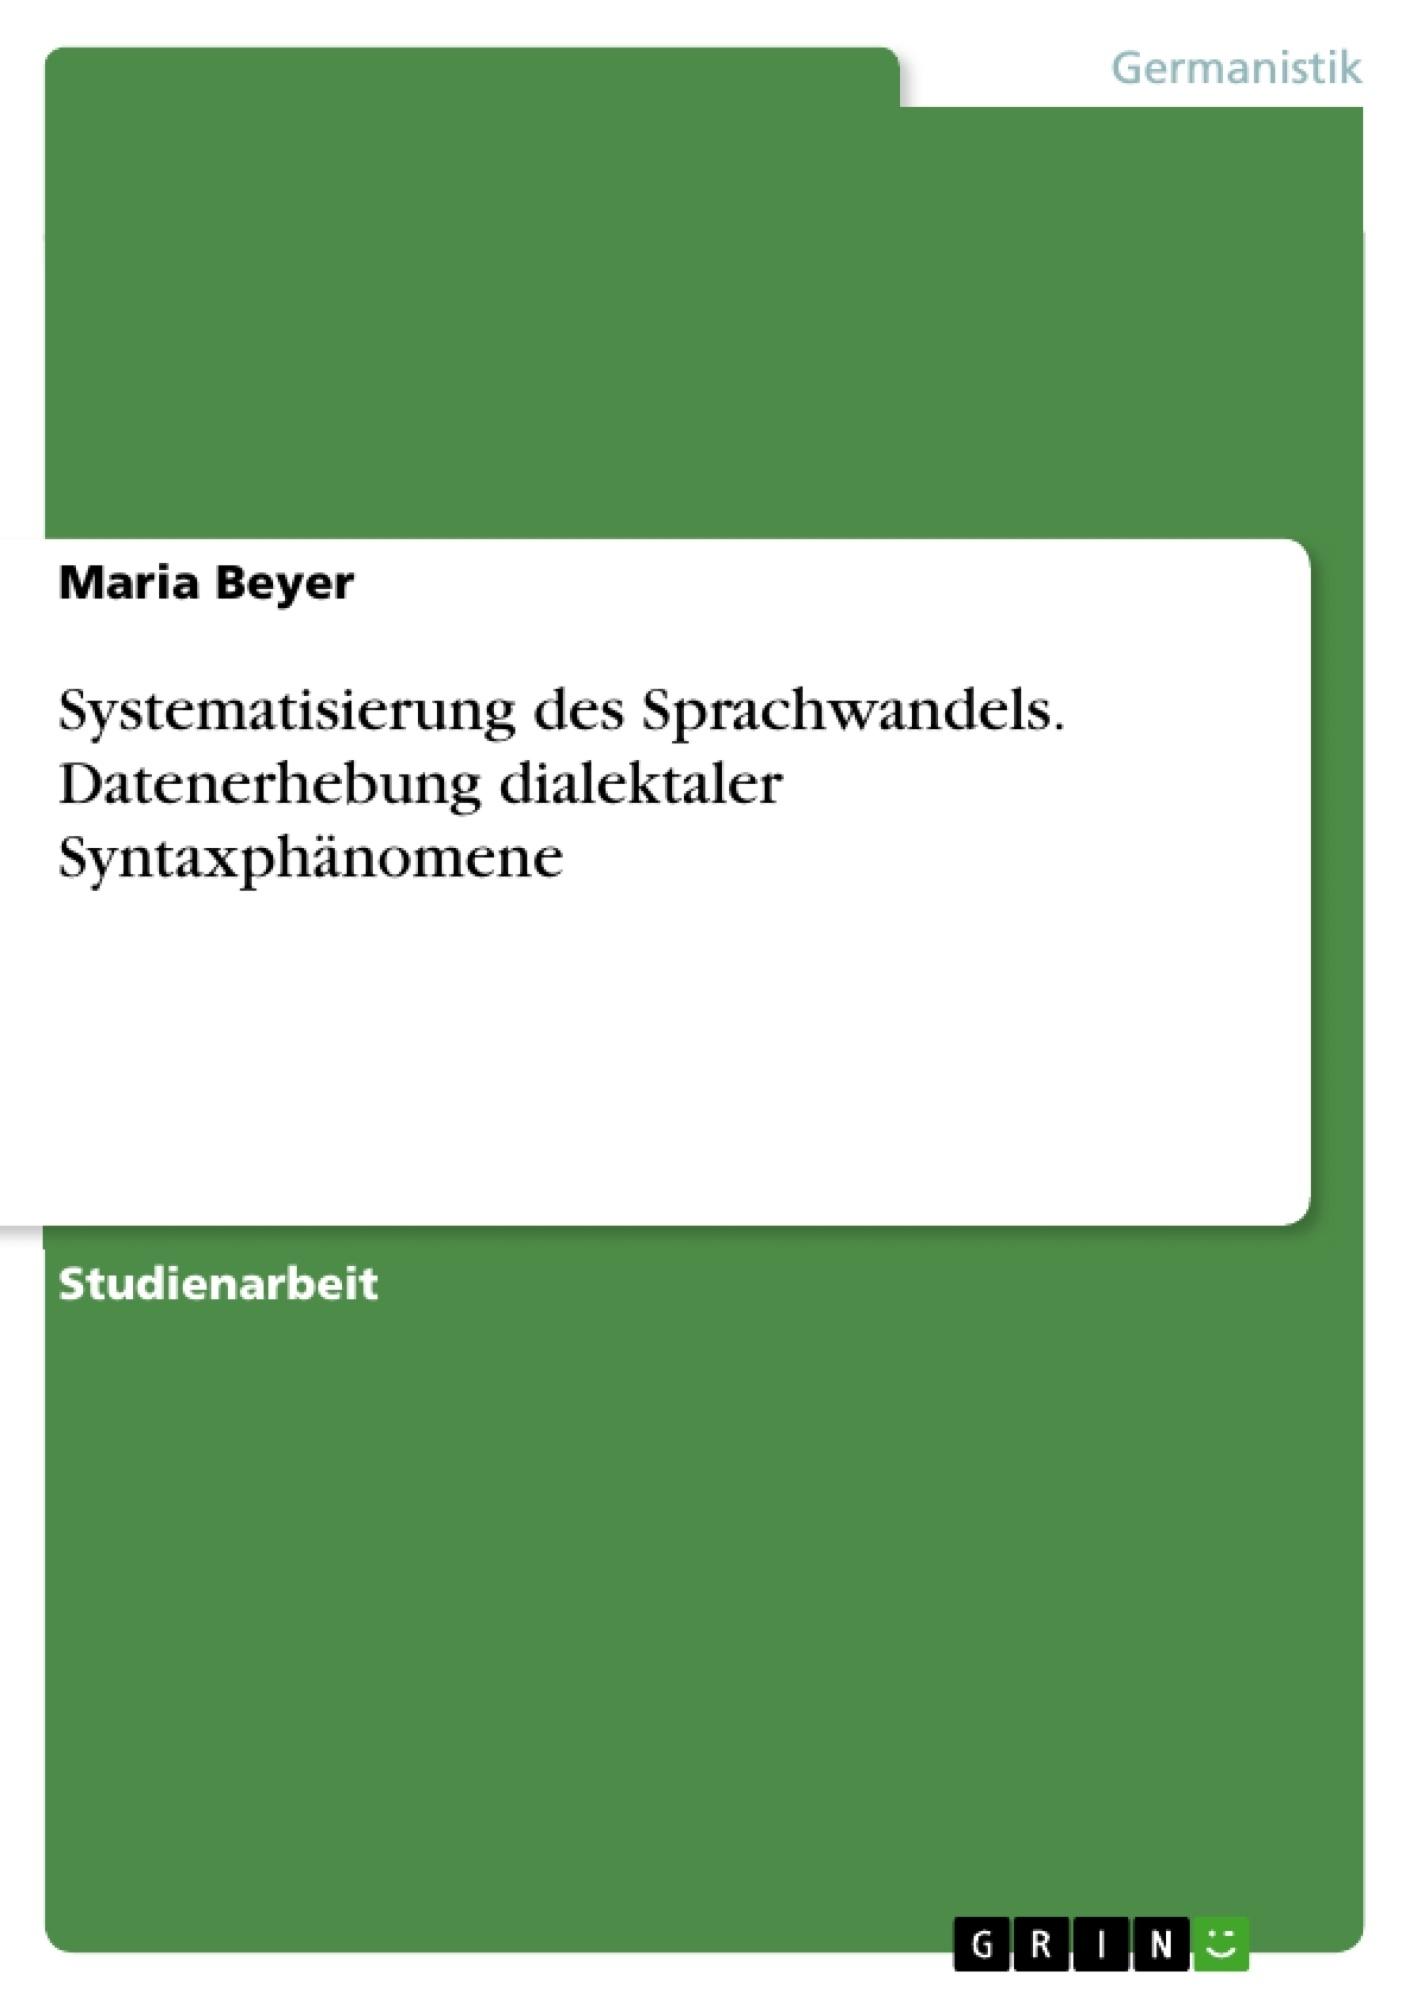 Titel: Systematisierung des Sprachwandels. Datenerhebung dialektaler Syntaxphänomene